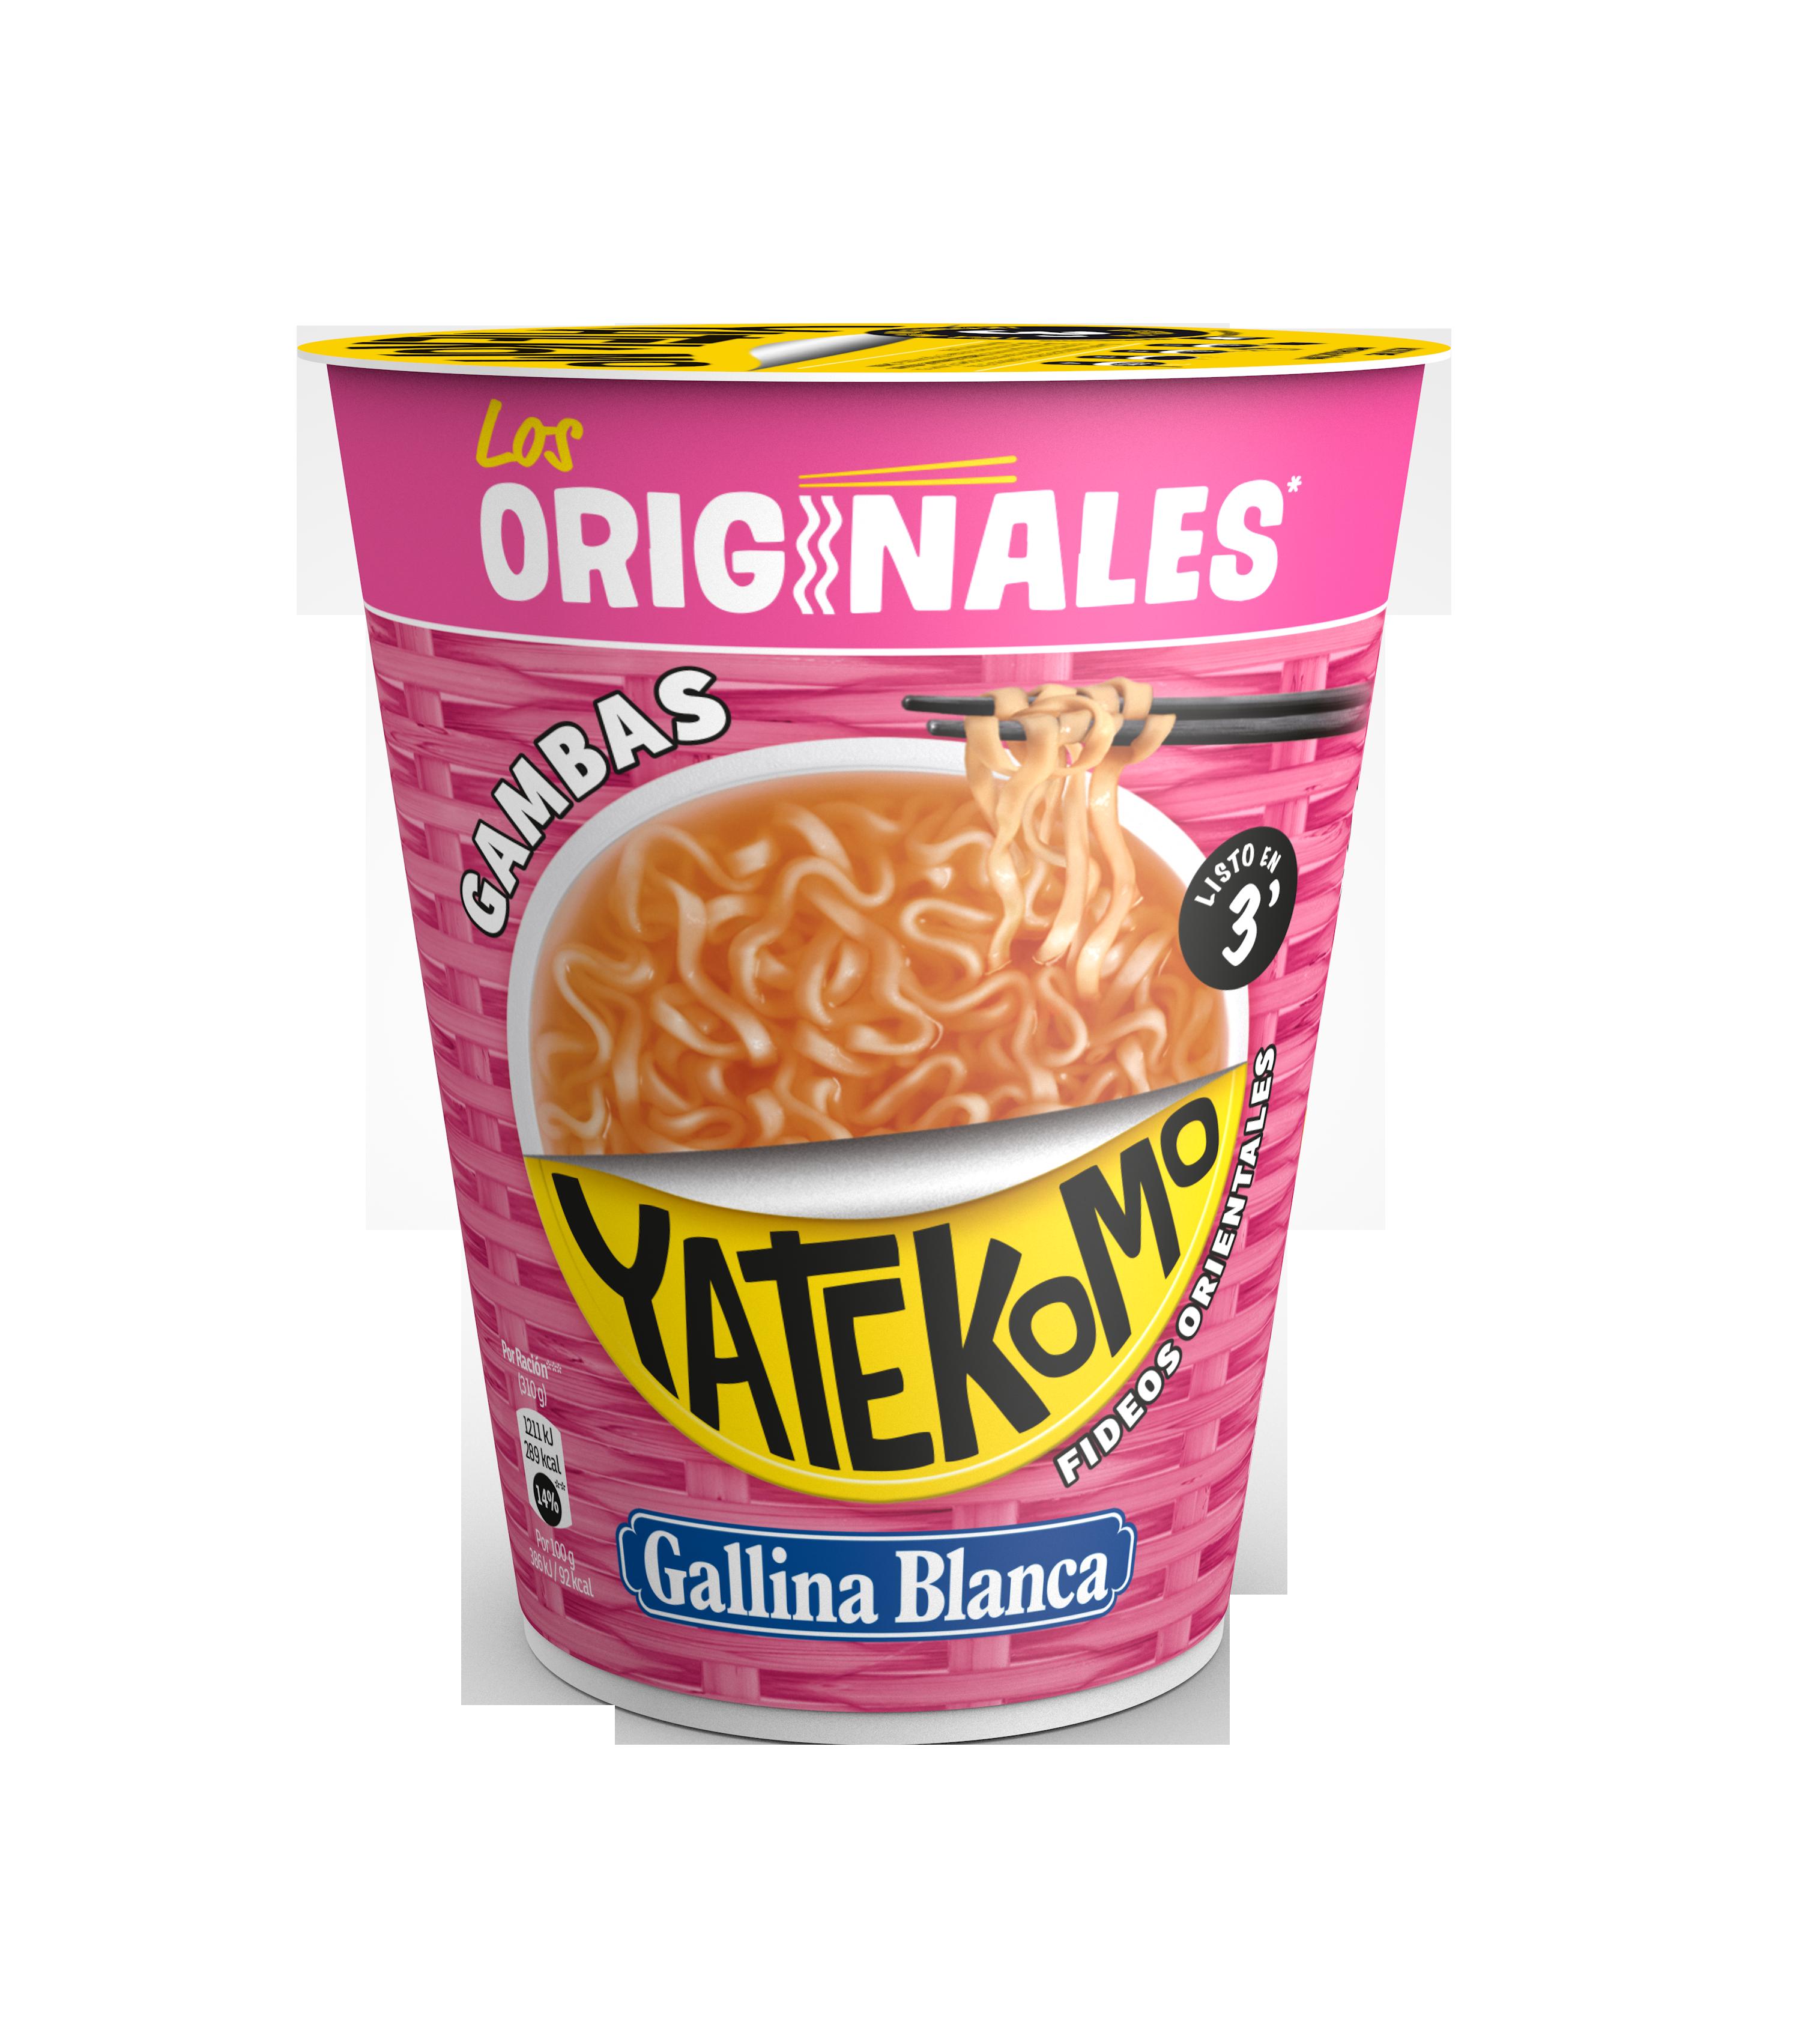 Yatekomo Gambas